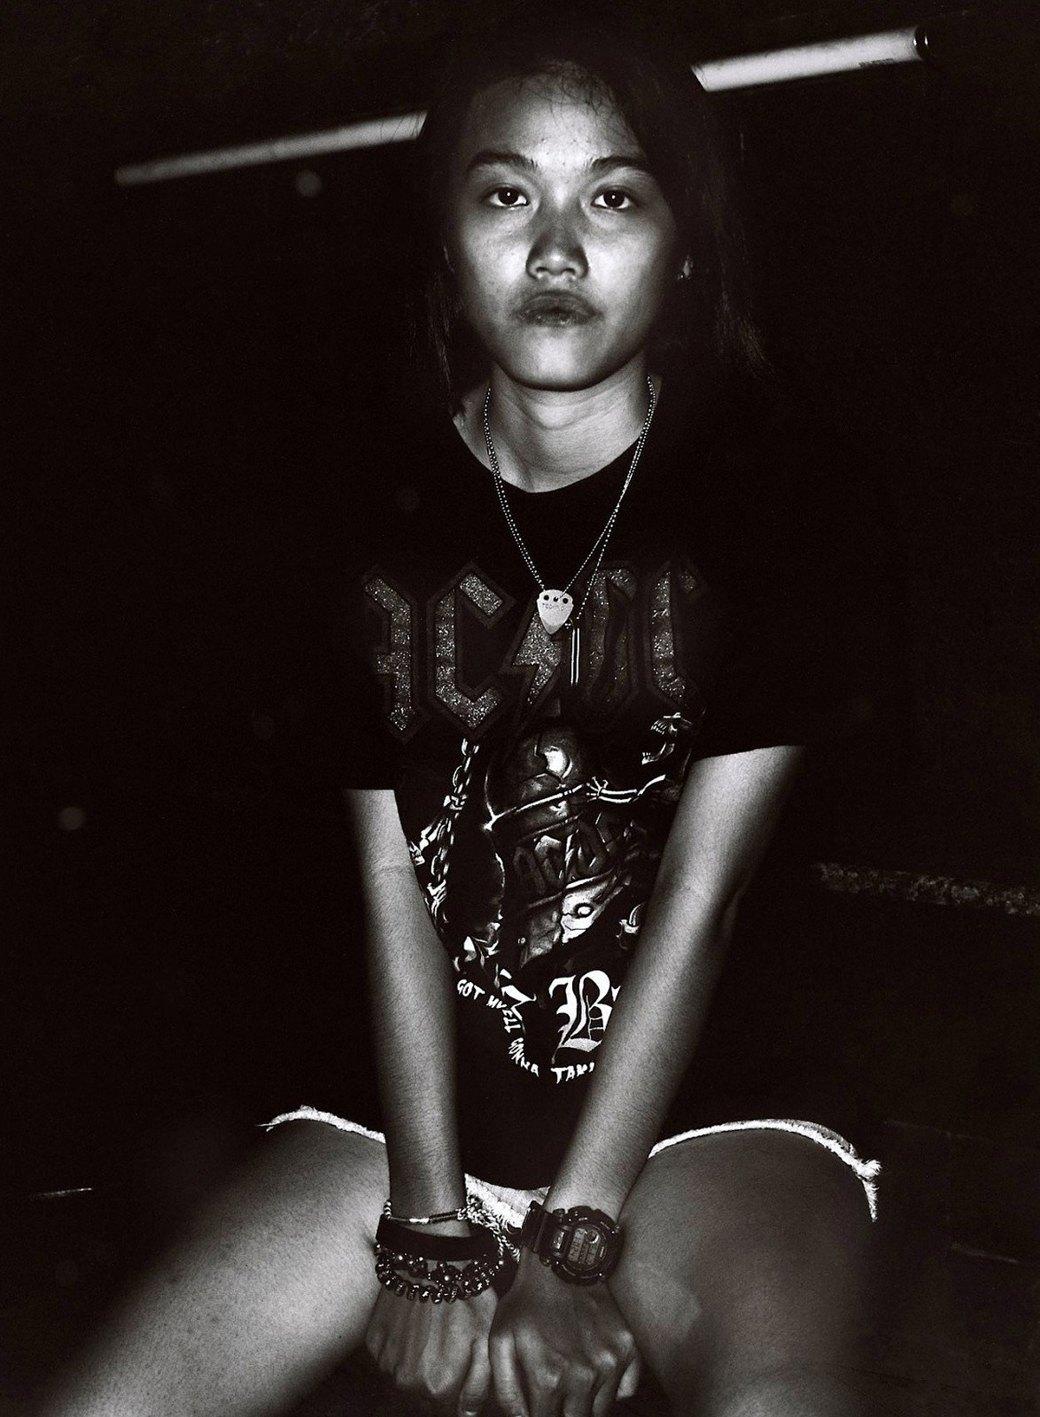 Азиатский андеграунд: Панк, грайндкор и экстремальный метал по-вьетнамски . Изображение № 8.